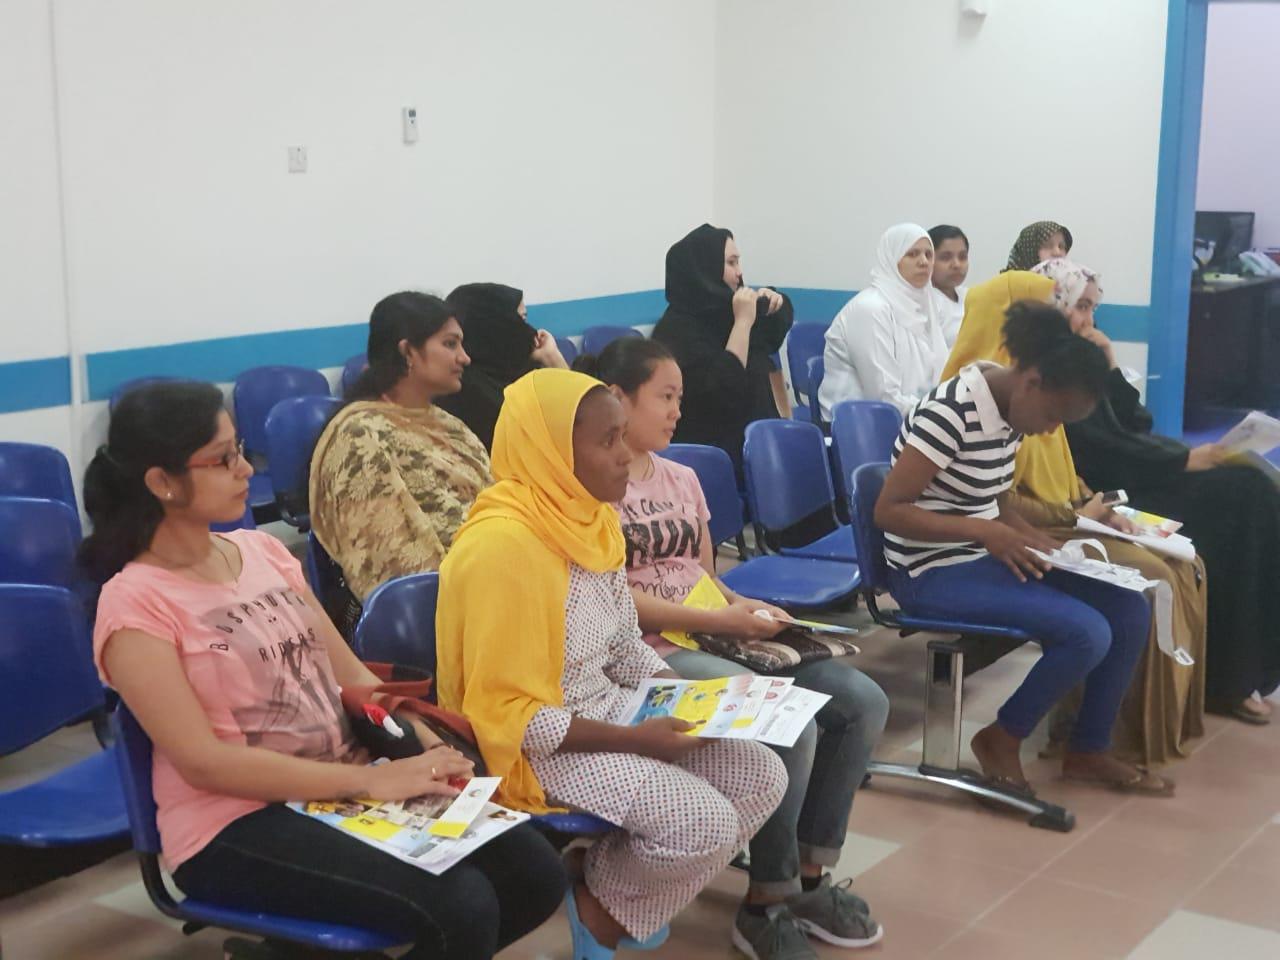 تدريب الفئات المساعدة على إجراءات الوقاية والسلامة